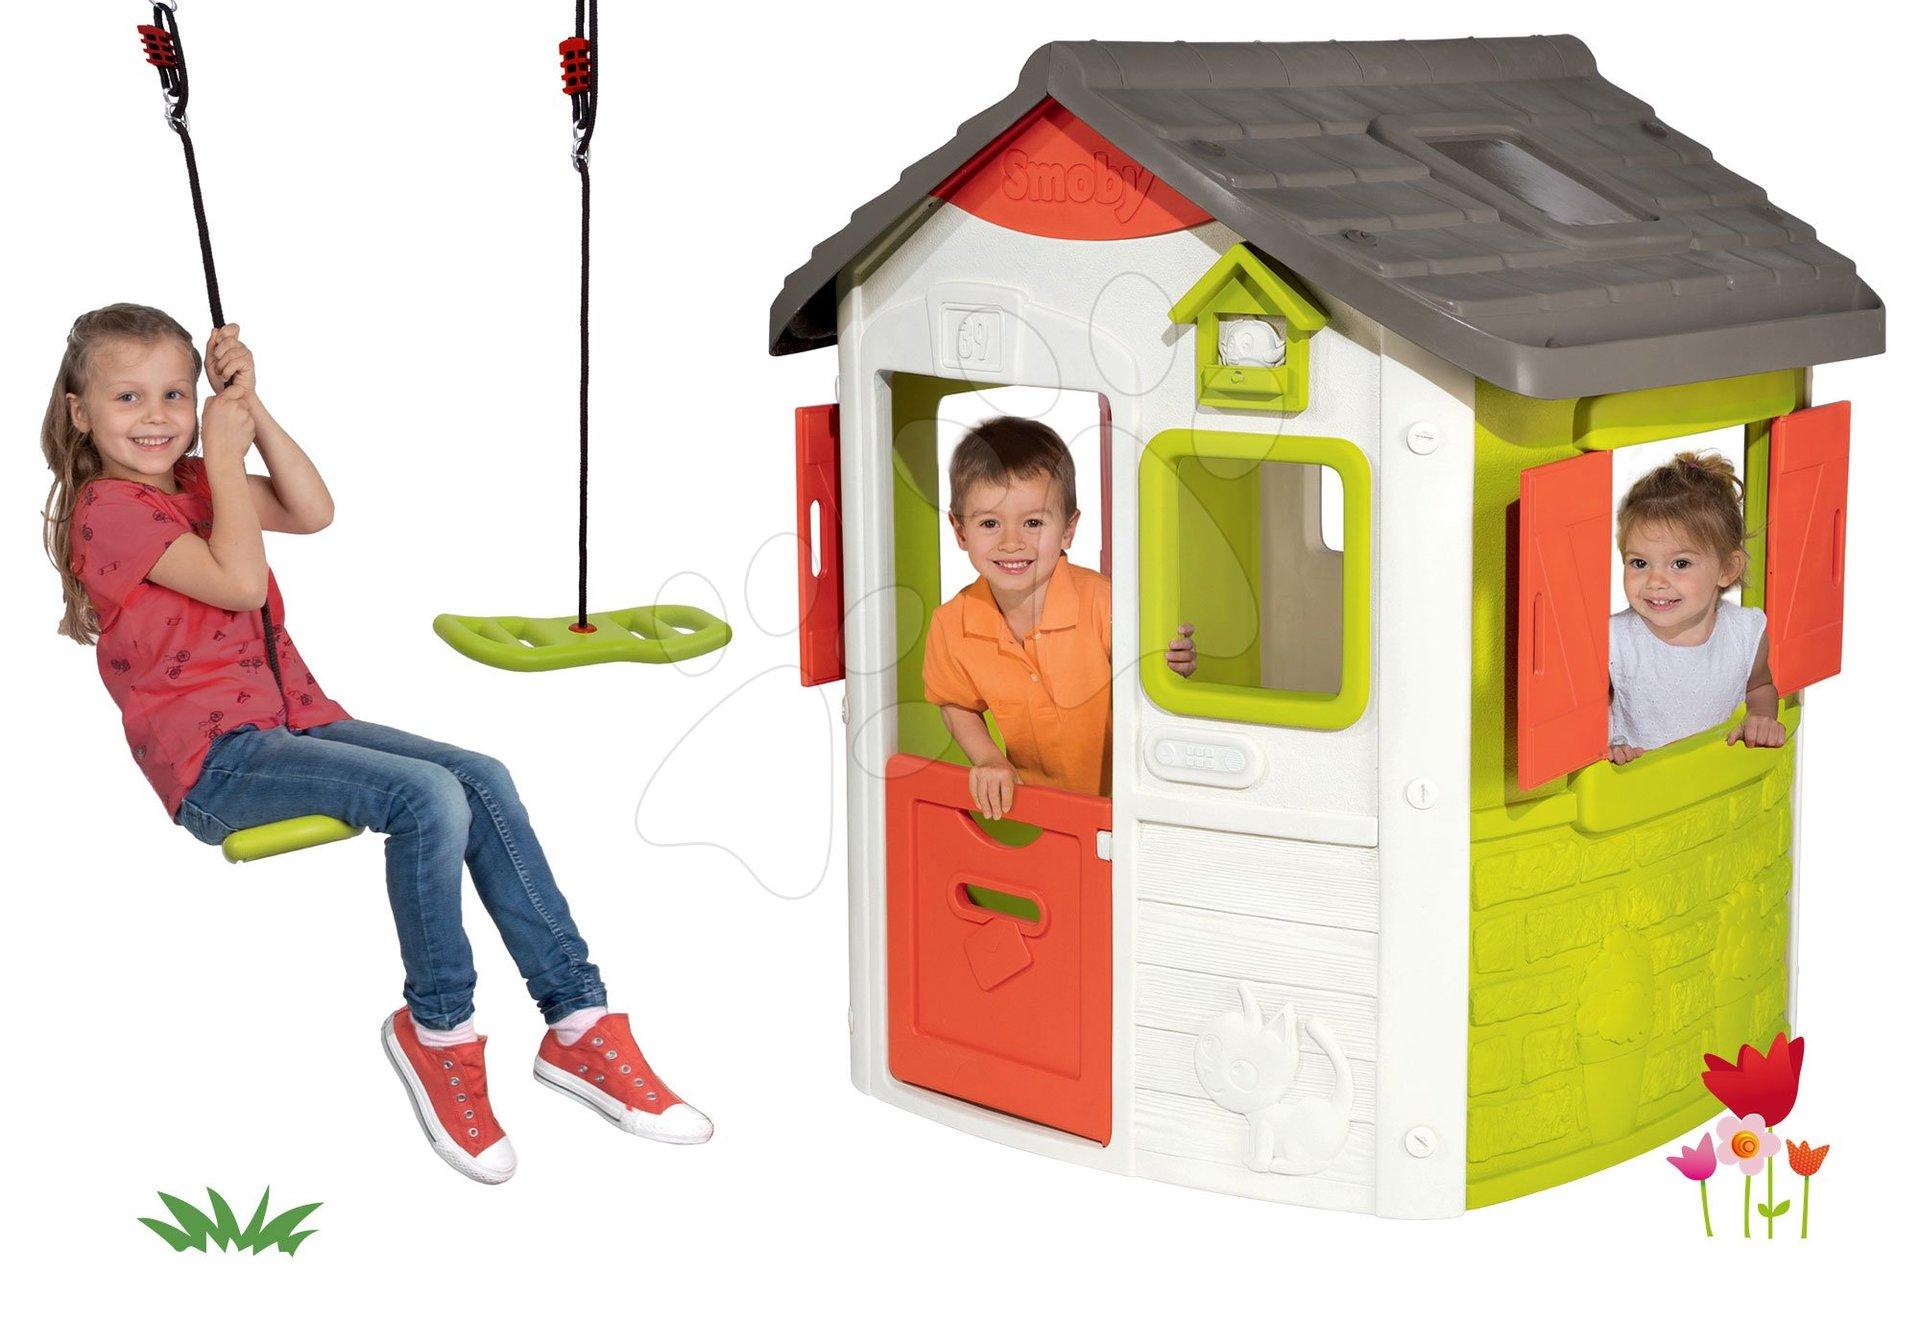 Set domček Neo Jura Lodge Smoby s dvoma dverami a darček výškovo nastaviteľná hojdačka Activity Swing